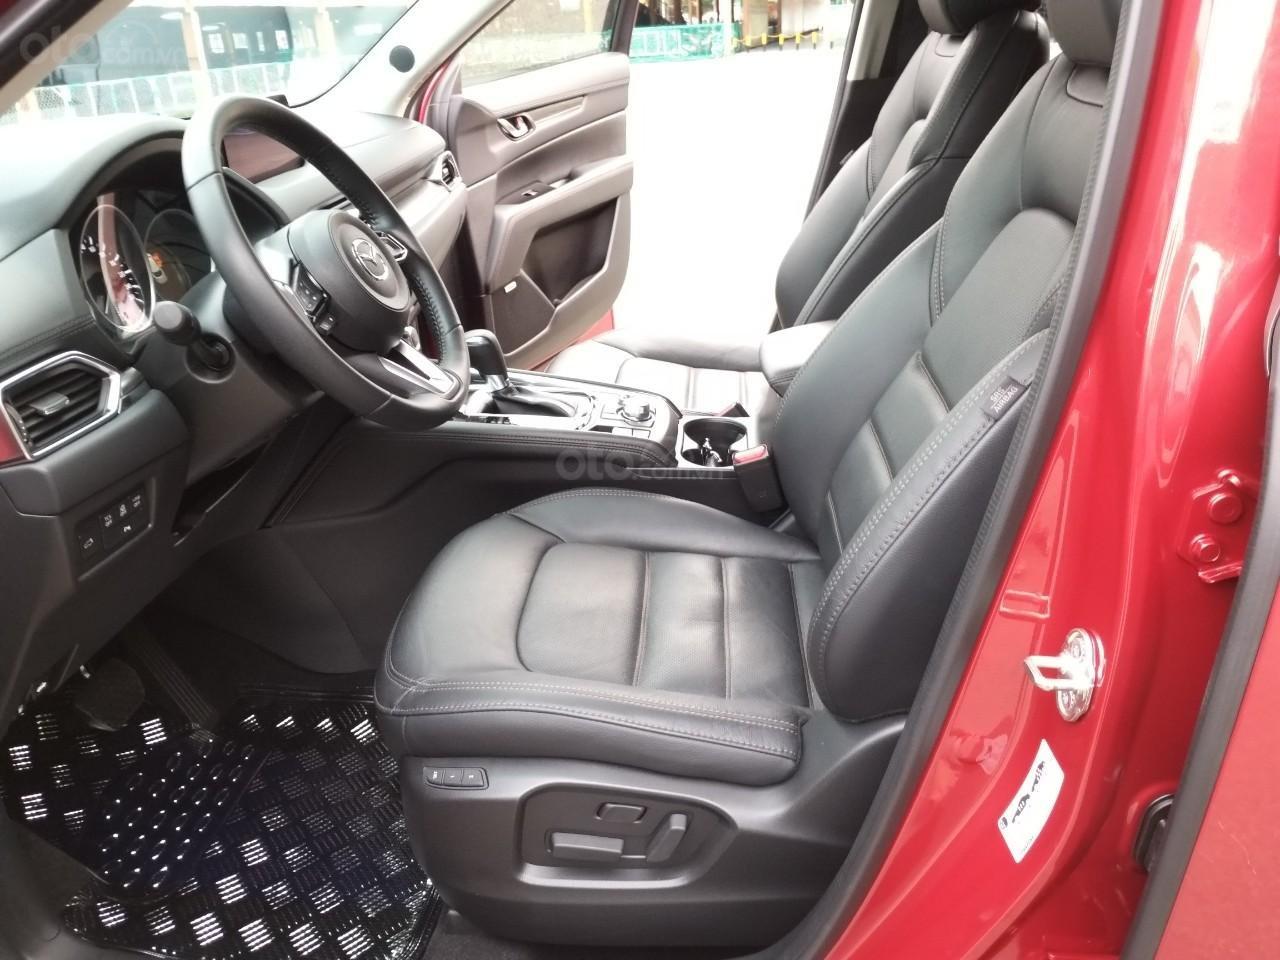 Mazda CX5 2019, xe nhà trùm mền, đỏ siêu sang, siêu mới, mới 99,99% như xe thùng mới xuất hãng, mua tiết kiệm được 150tr (5)